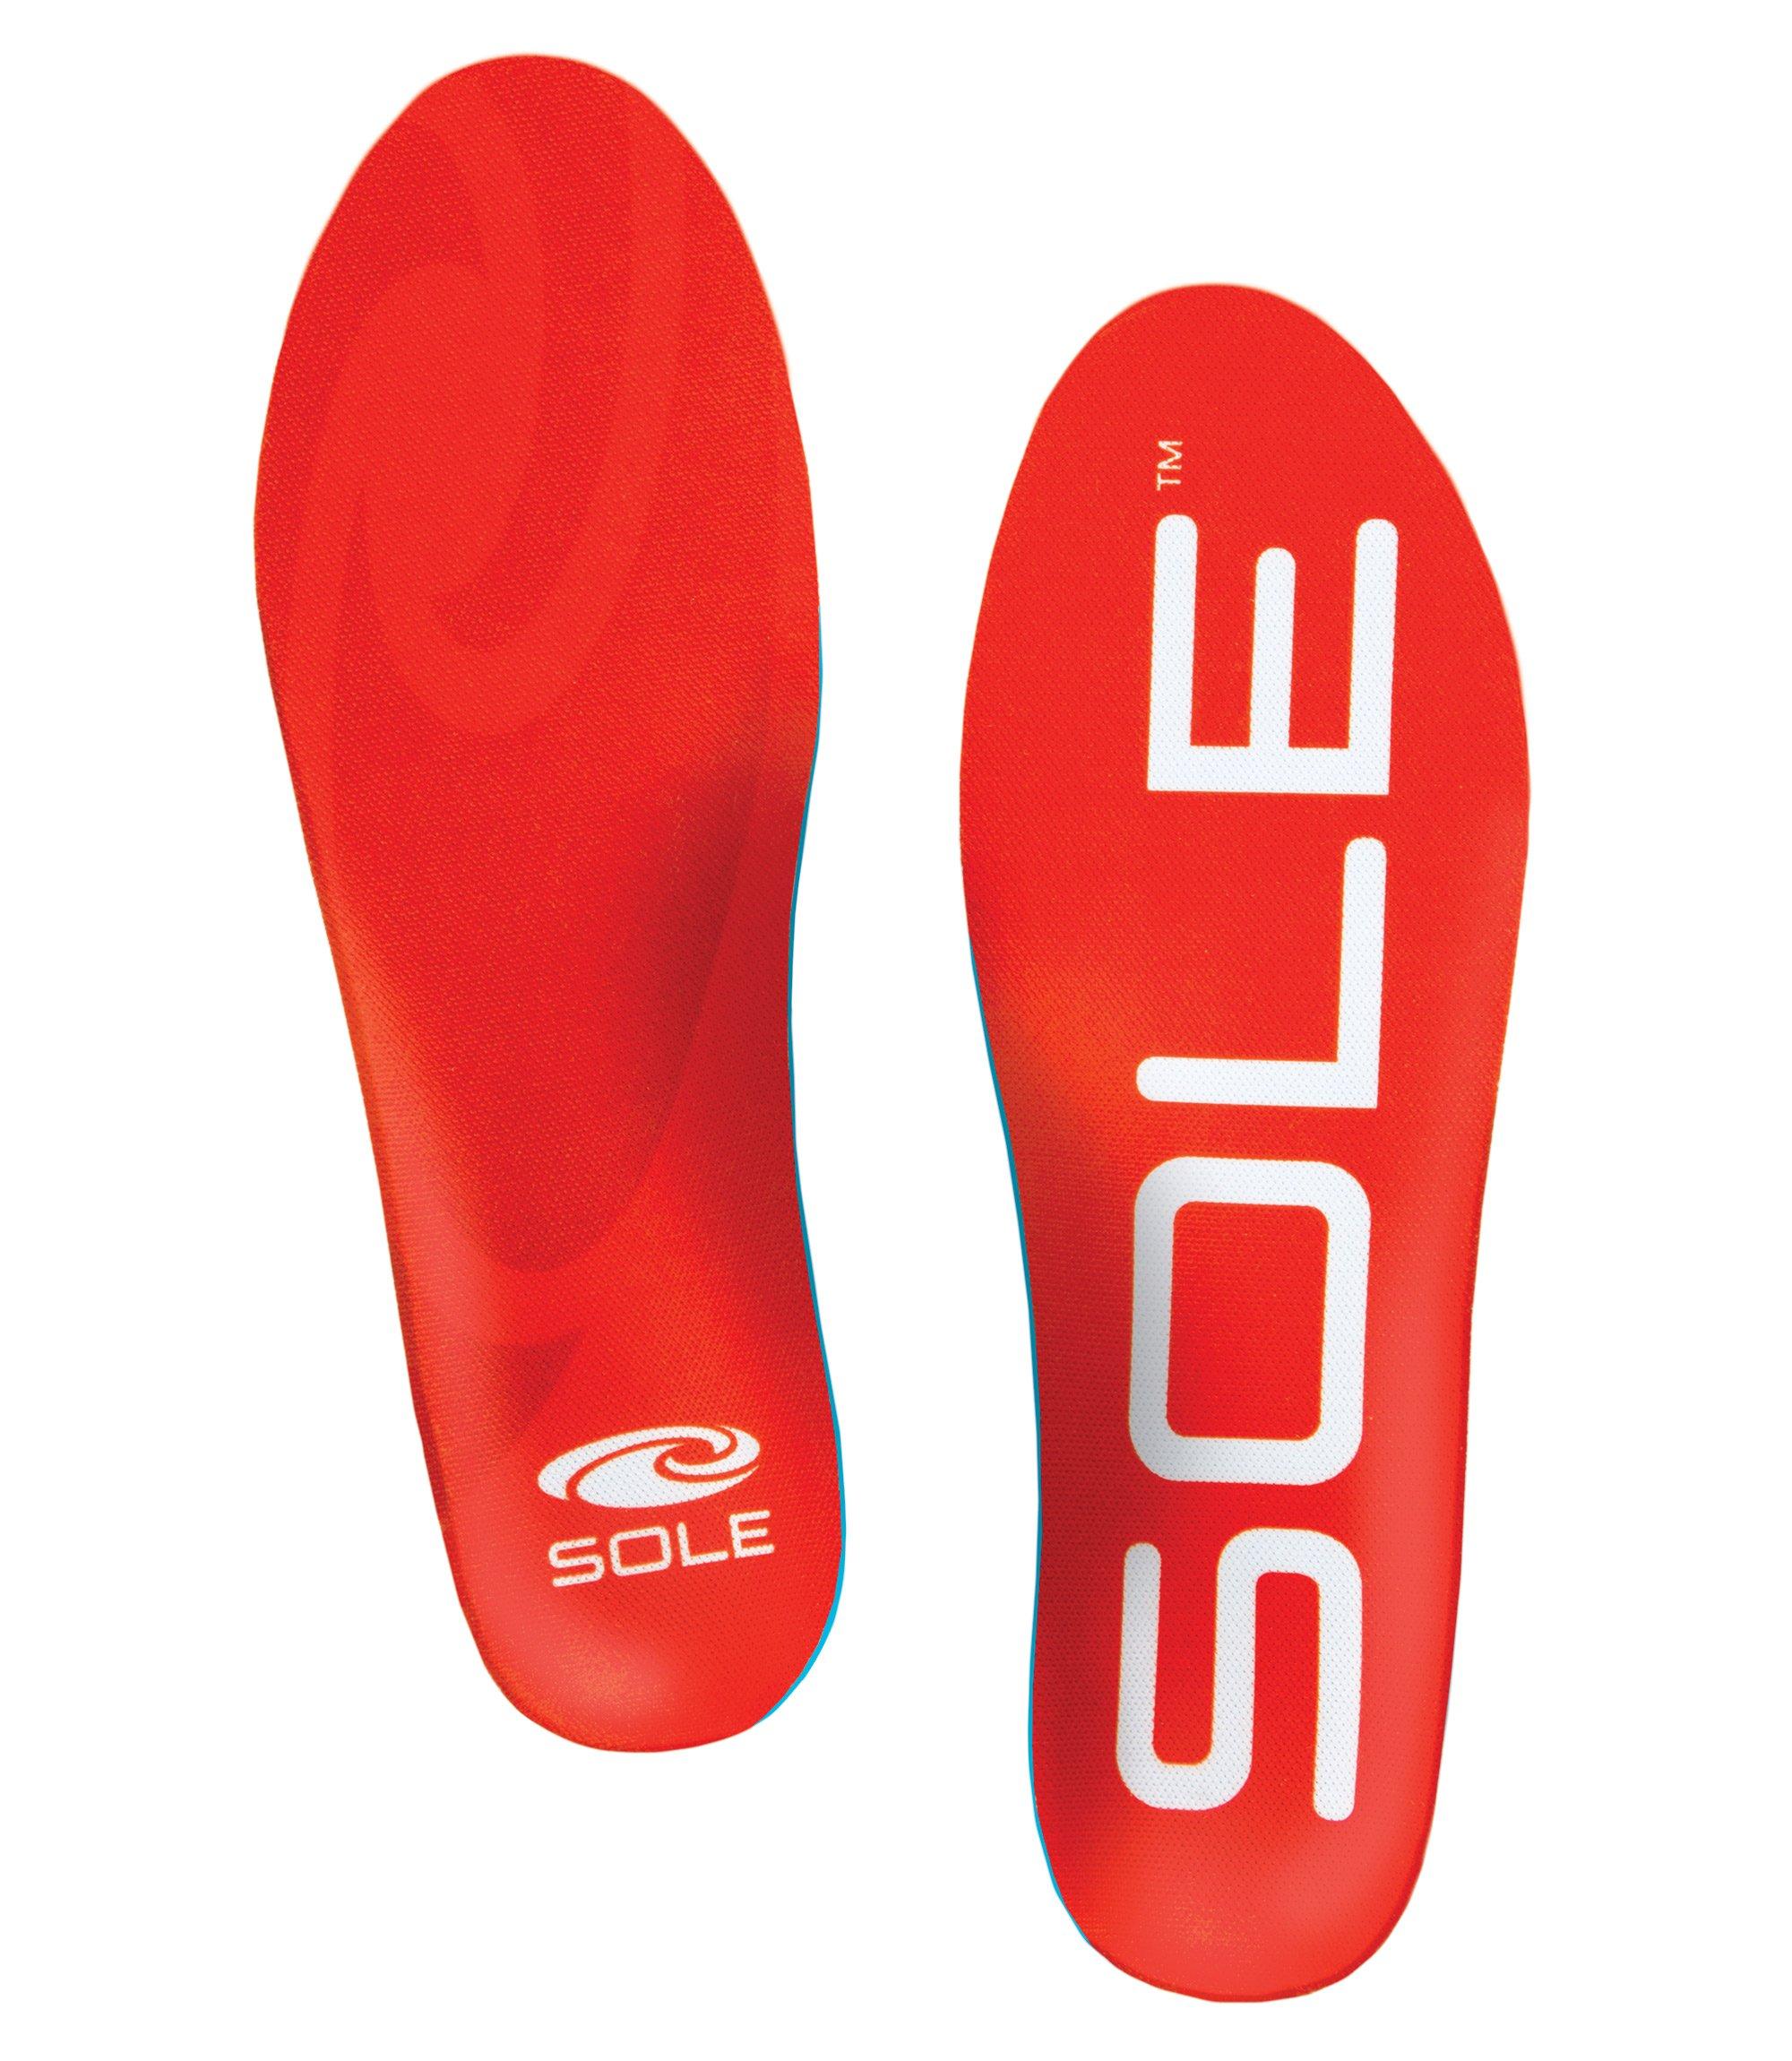 SOLE Unisex Active Medium Red 13 Women / 11 Men US